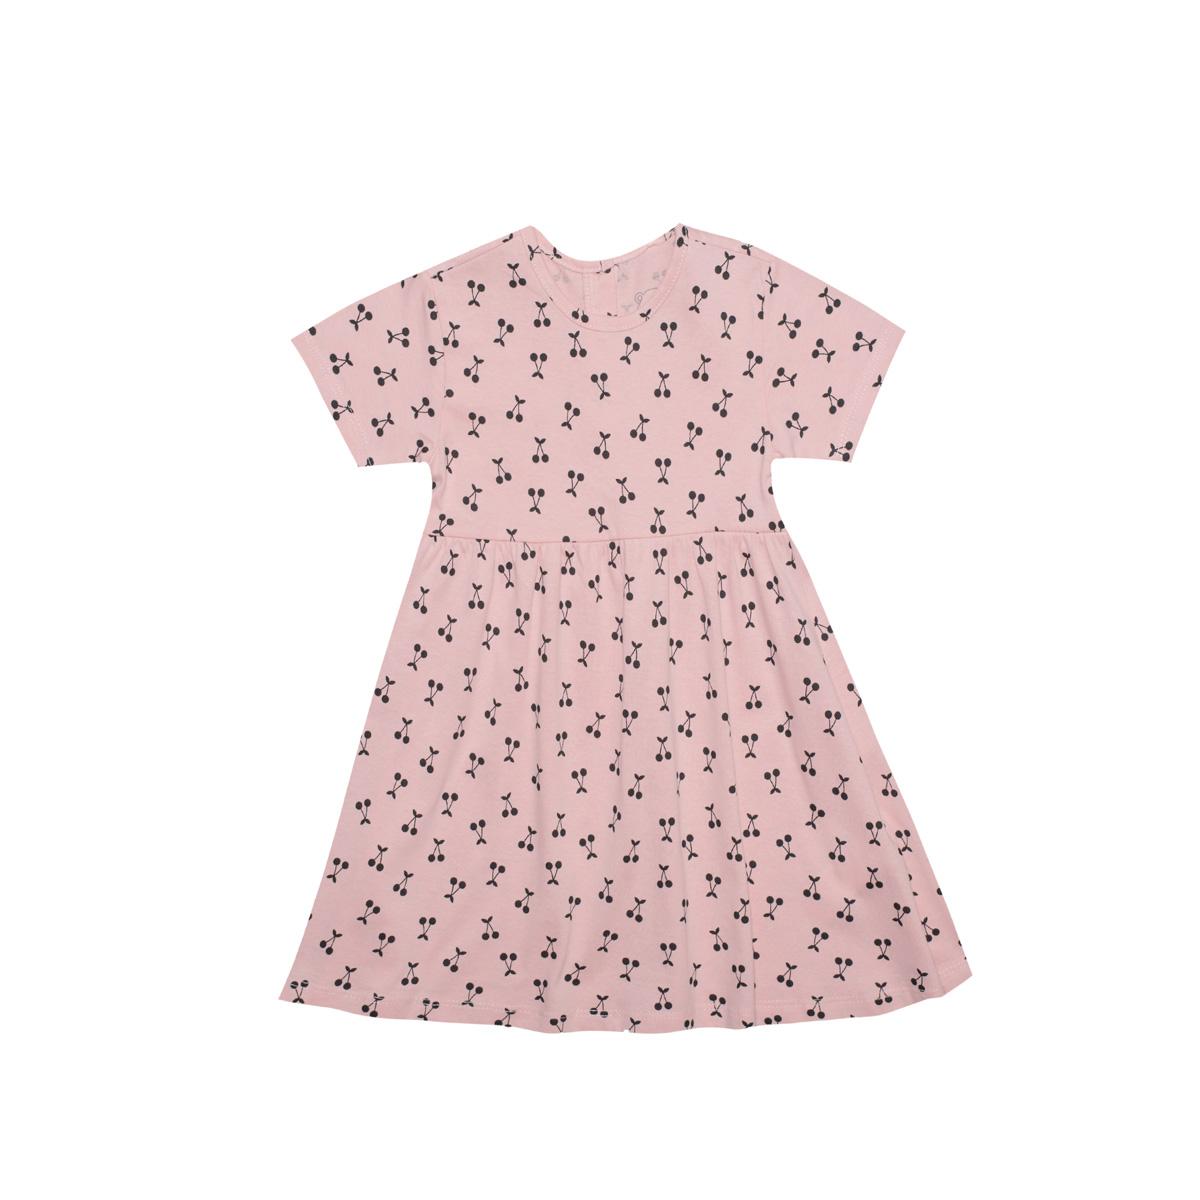 Baby obleka, svetlo roza